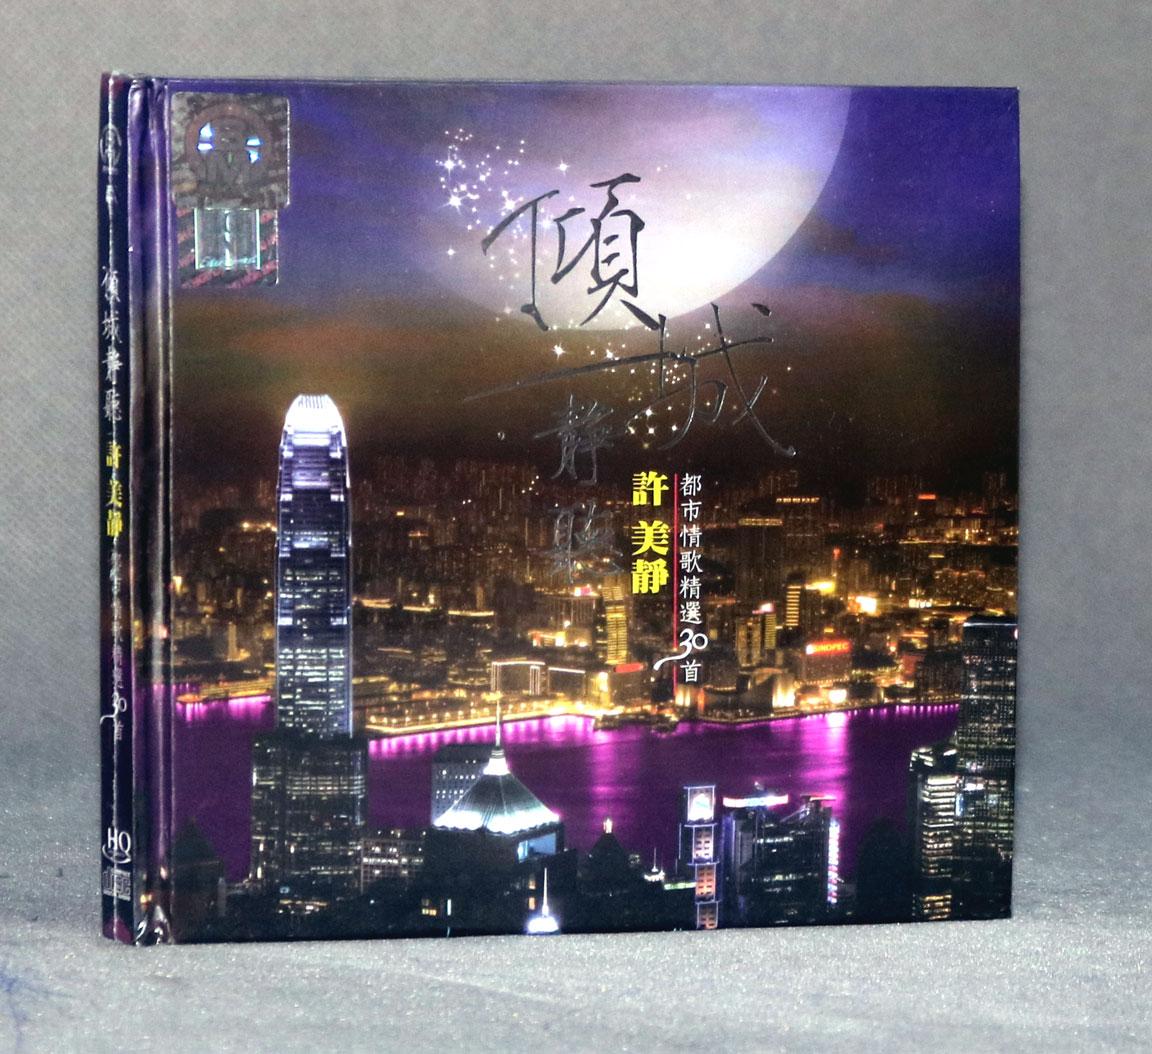 【正版发烧】倾城静听 许美静 都市情歌30首 双碟装 2CD